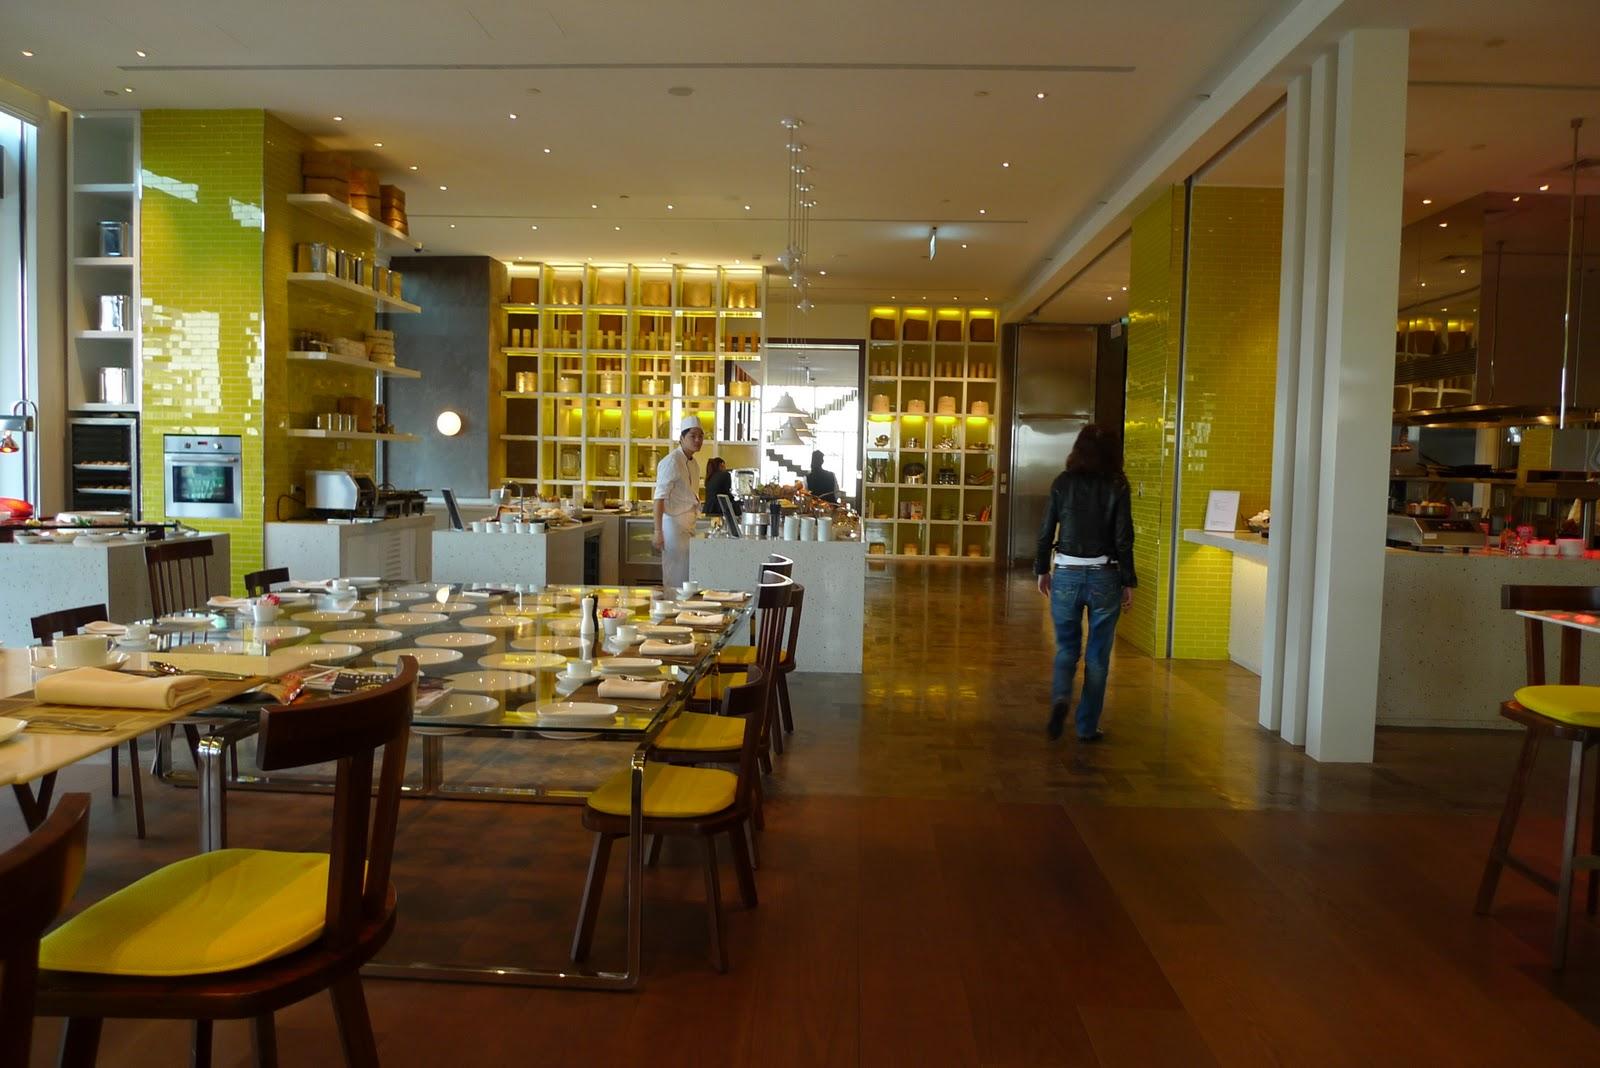 小さな魚 a roly-poly small fish - Just want to remember the moment forever.: W Hotel Taipei Breakfast at The Kitchen Table & Hotel Facility ...